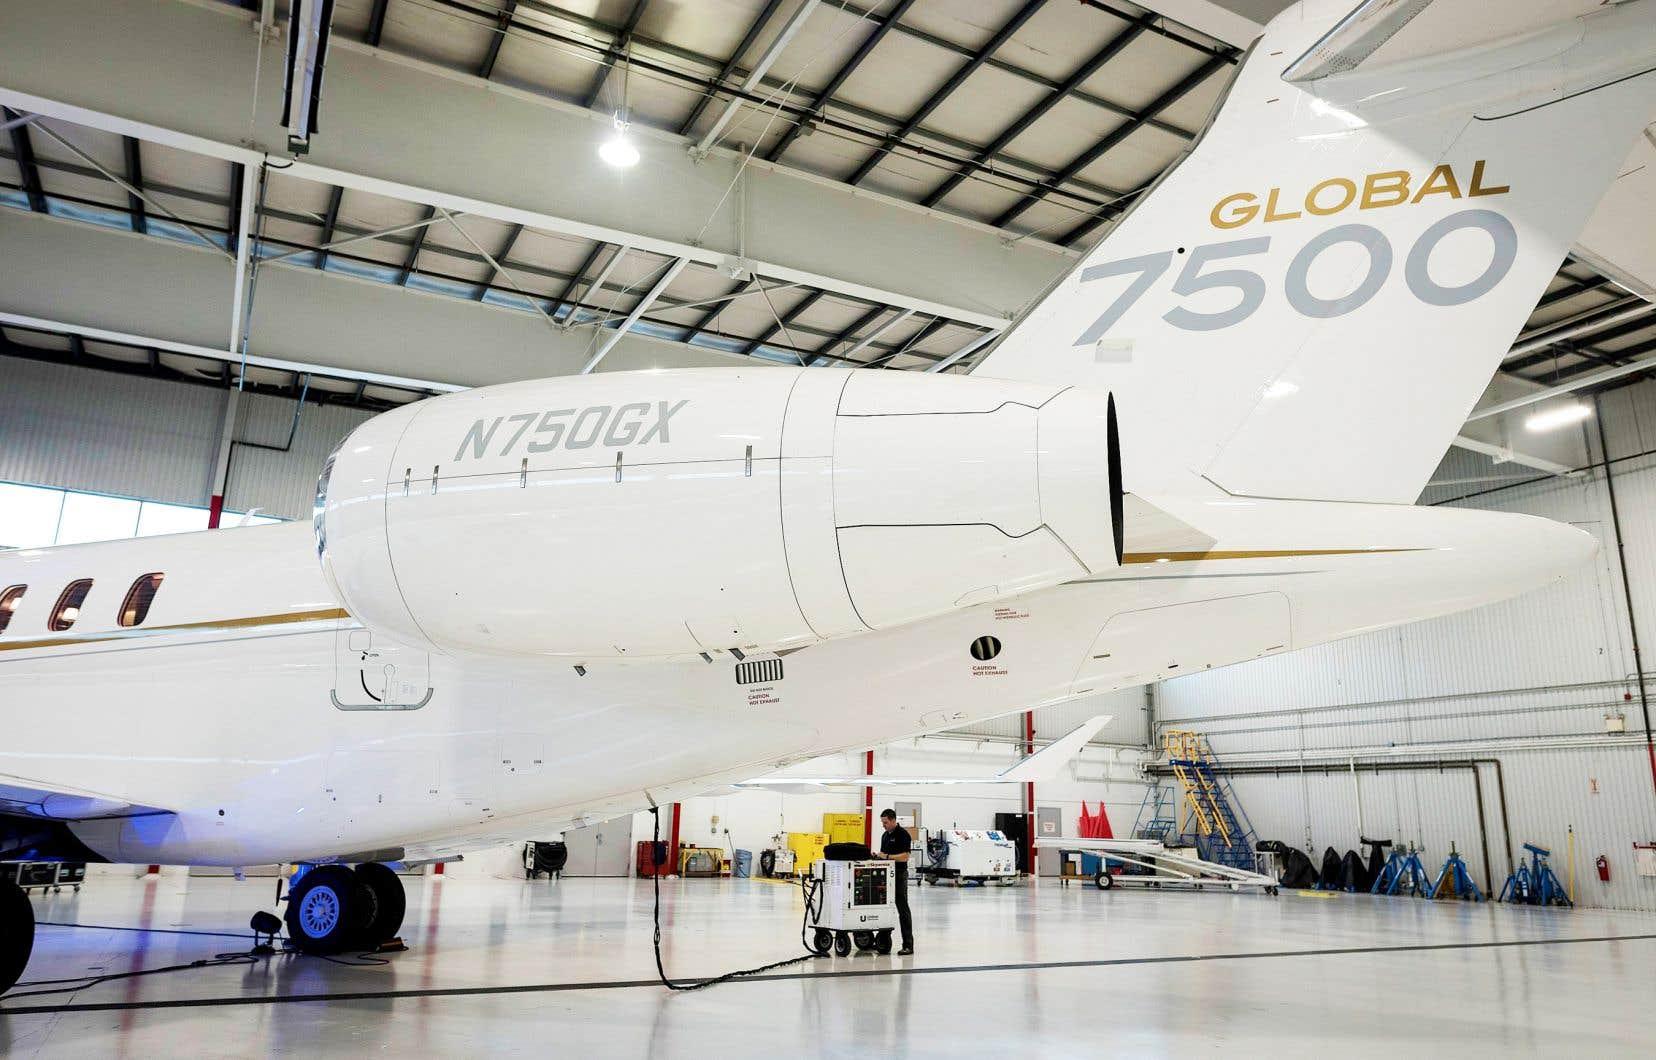 Bombardier s'attend à arrêter de perdre de l'argent avec le Global 7500, ce luxueux jet d'affaires sur lequel la société mise et dont le carnet de commandes est rempli jusqu'en 2023.